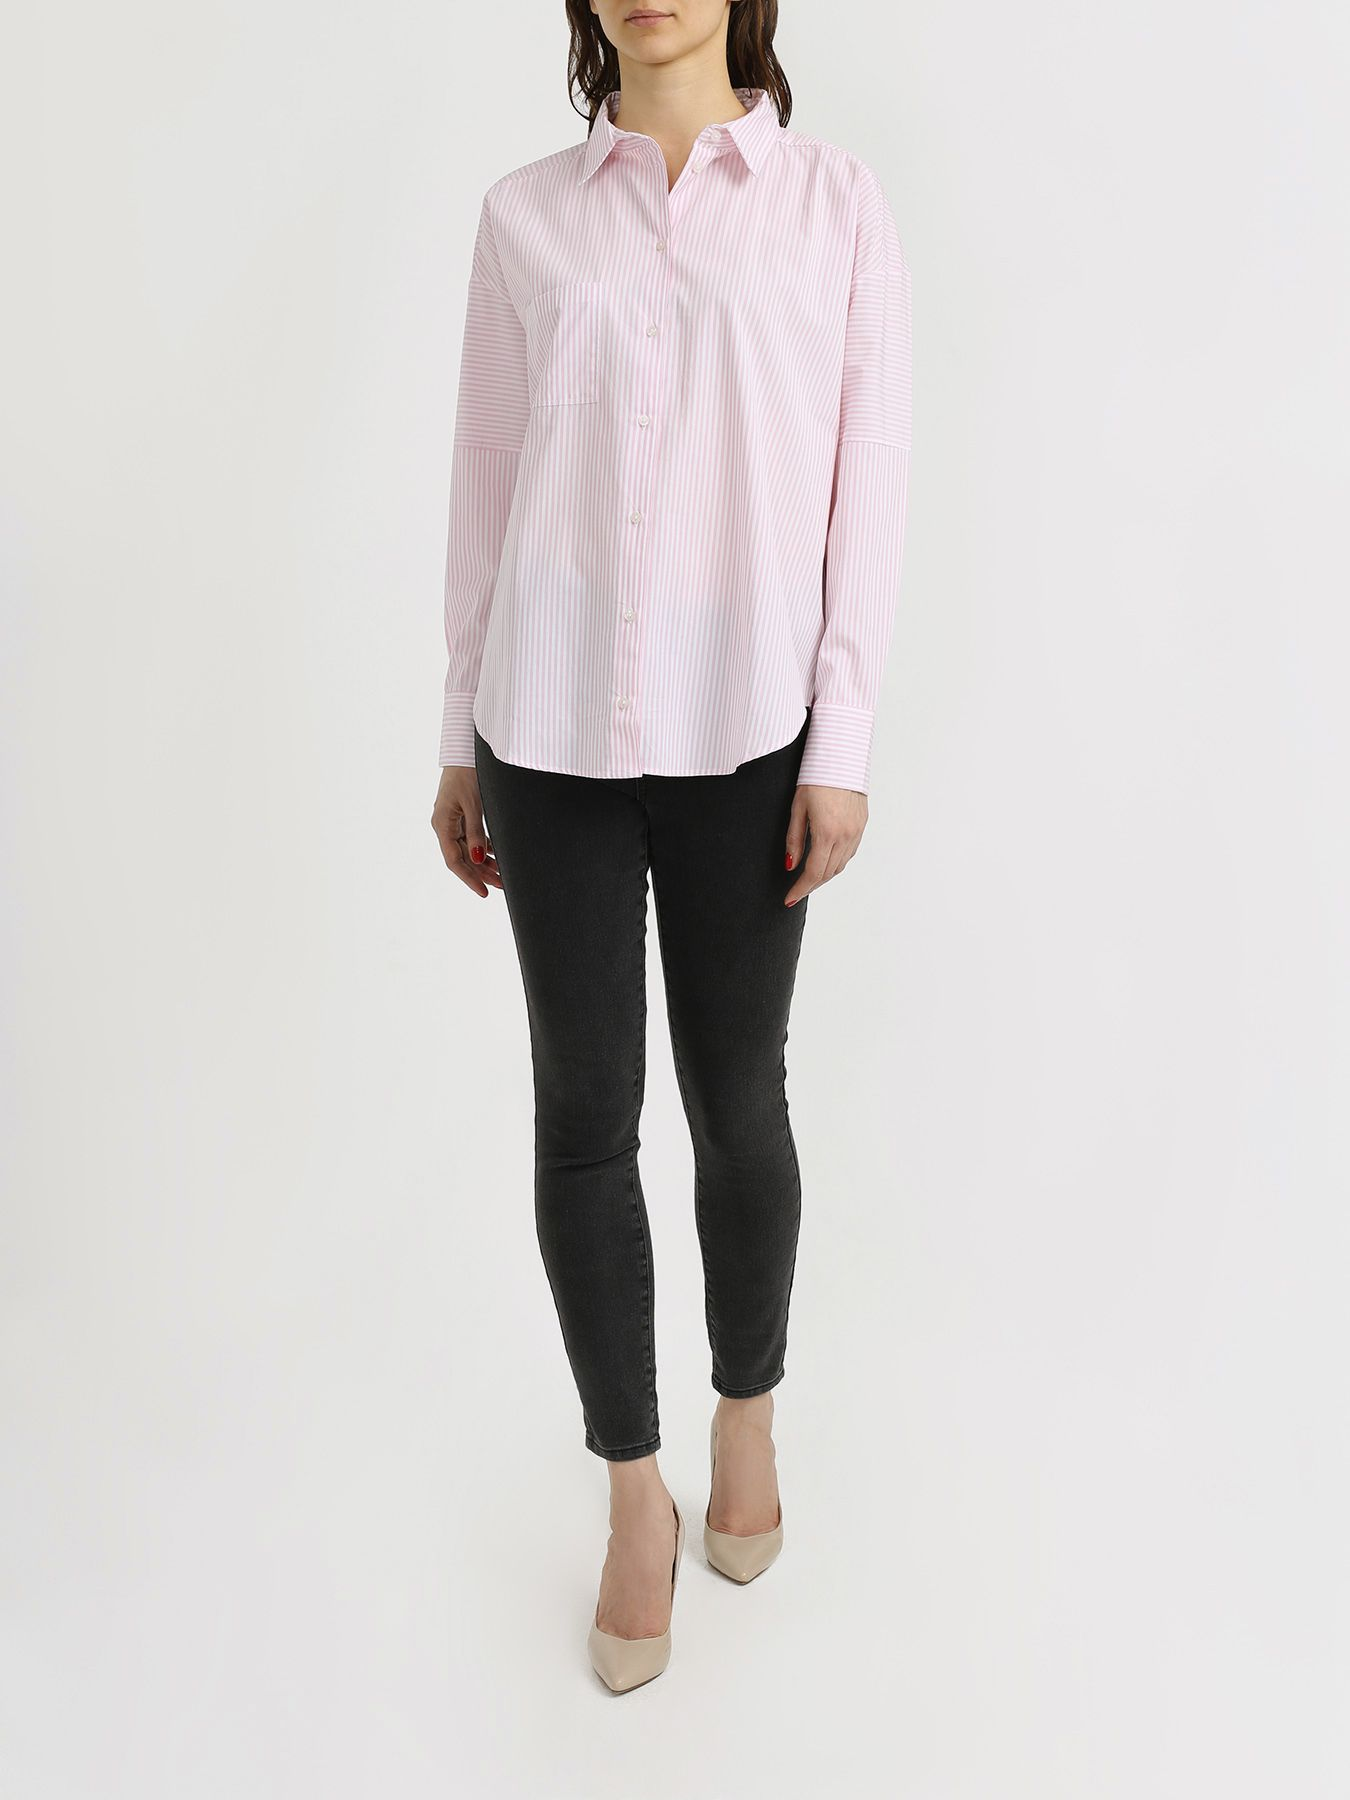 Armani Exchange Полосатая рубашка 342005-044